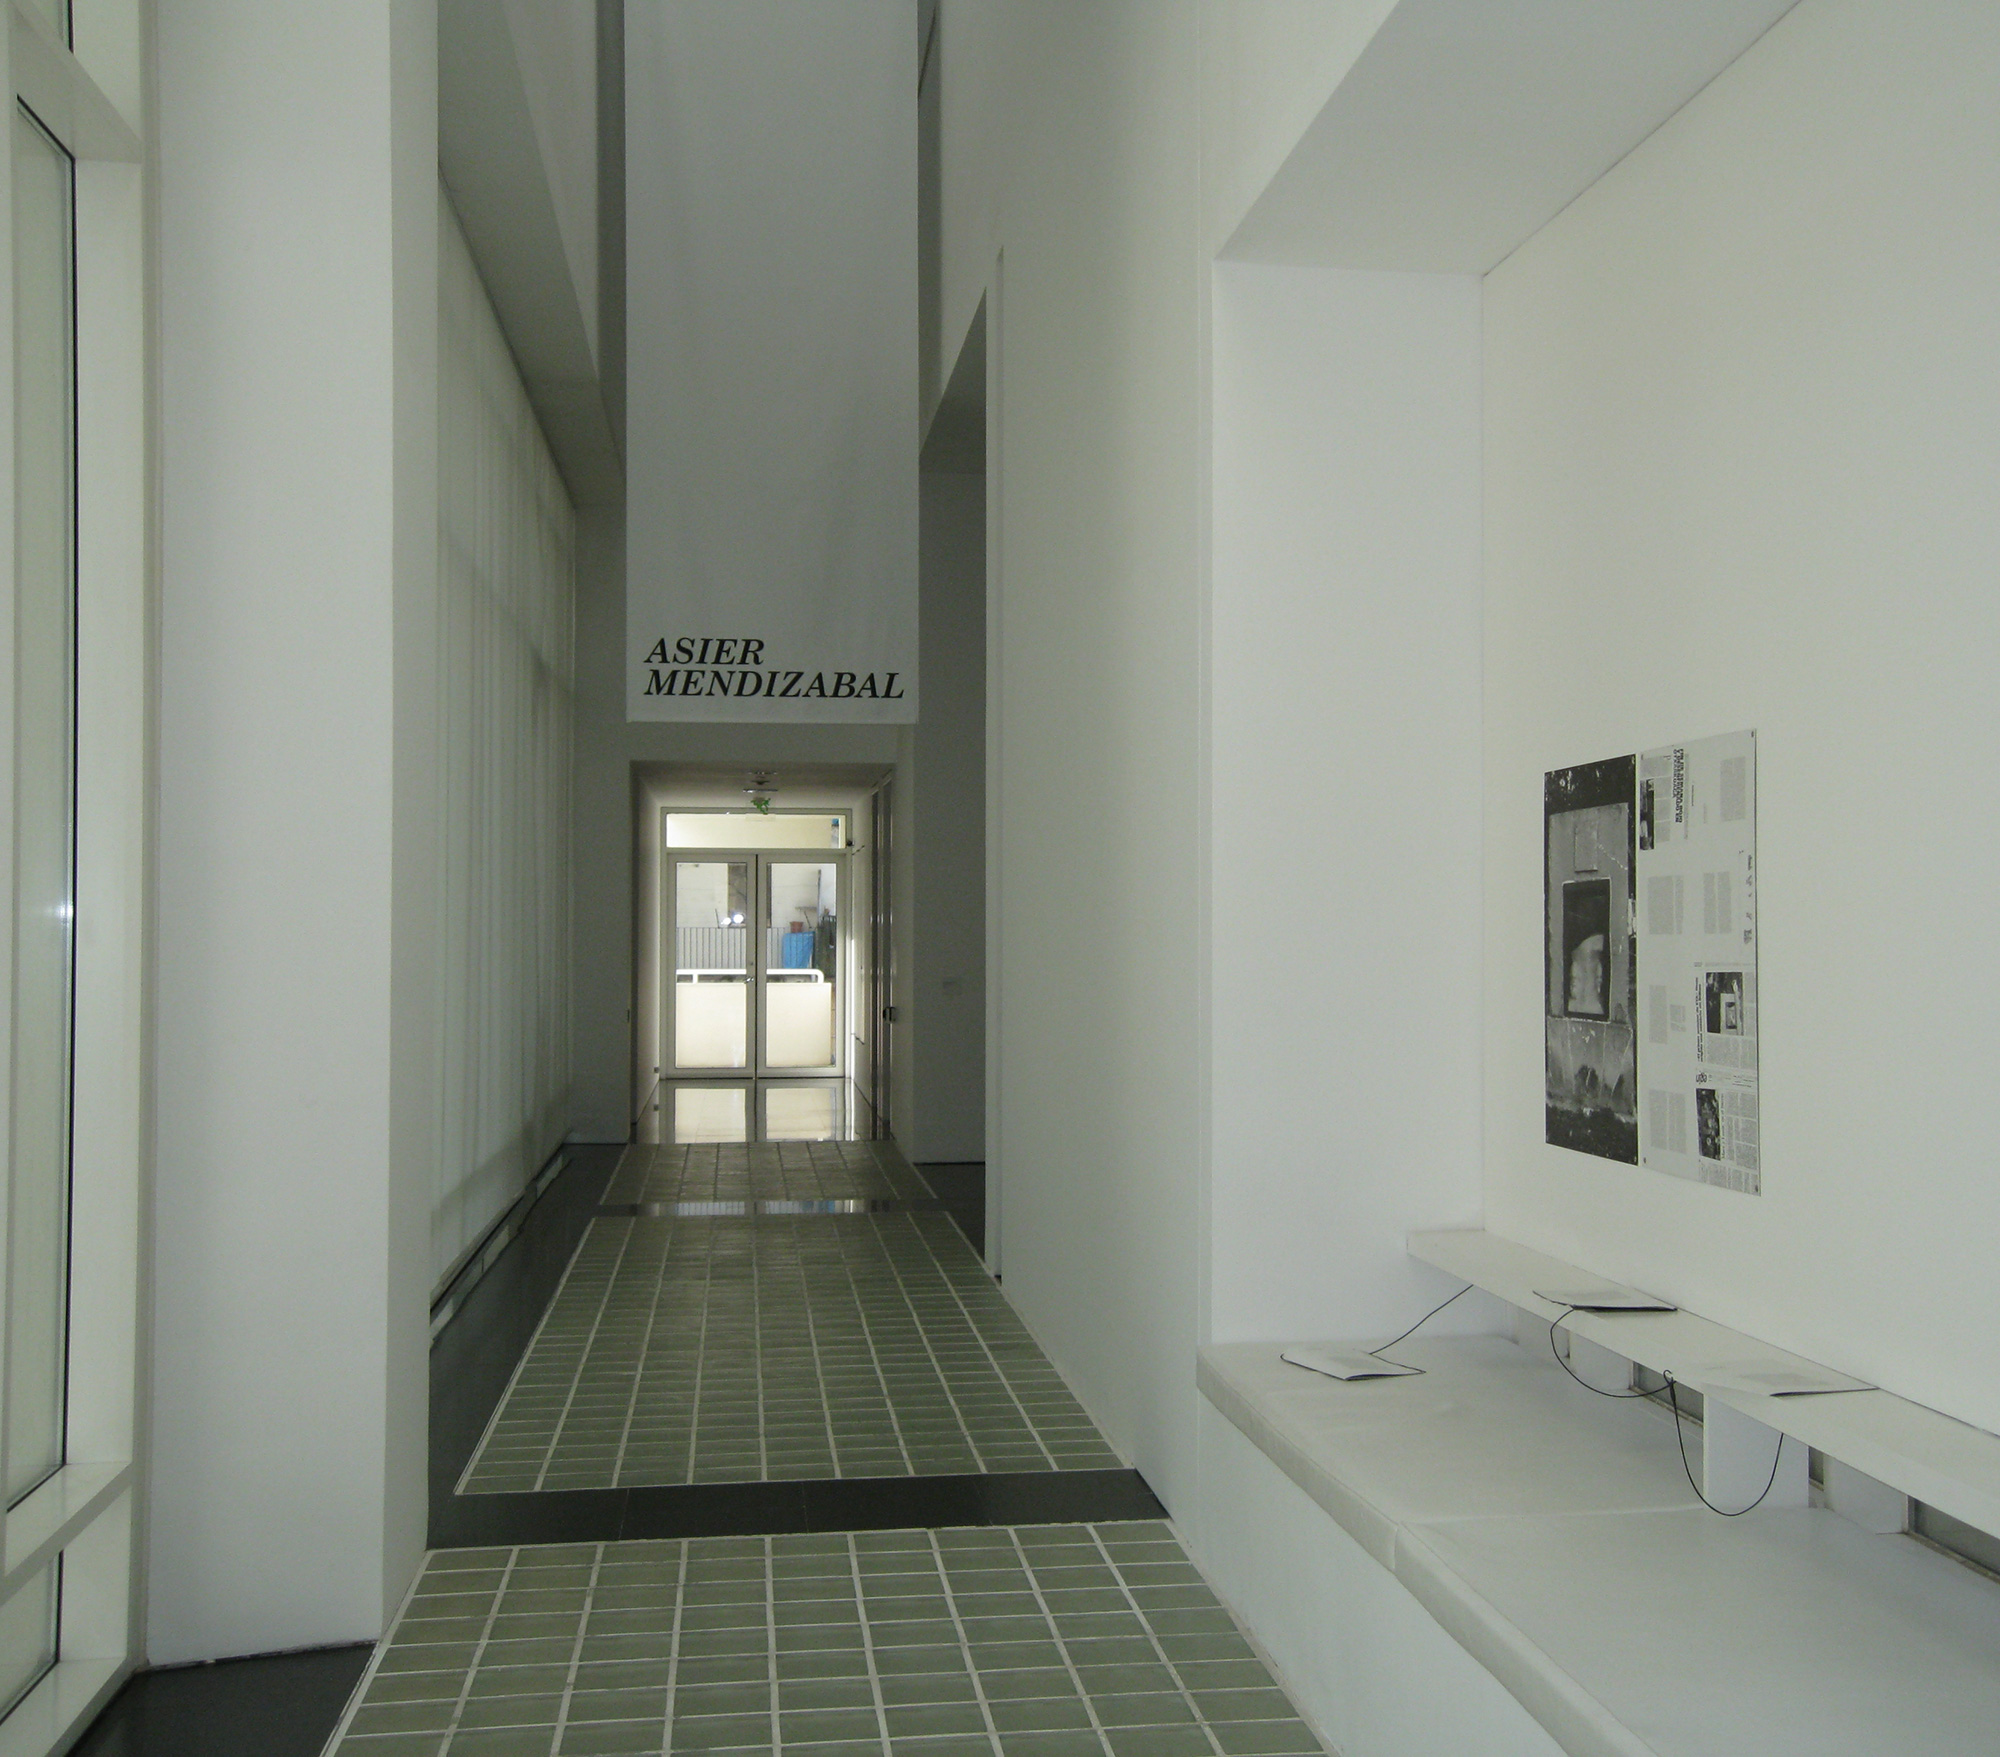 Asier Mendizabal (2008) - MACBA